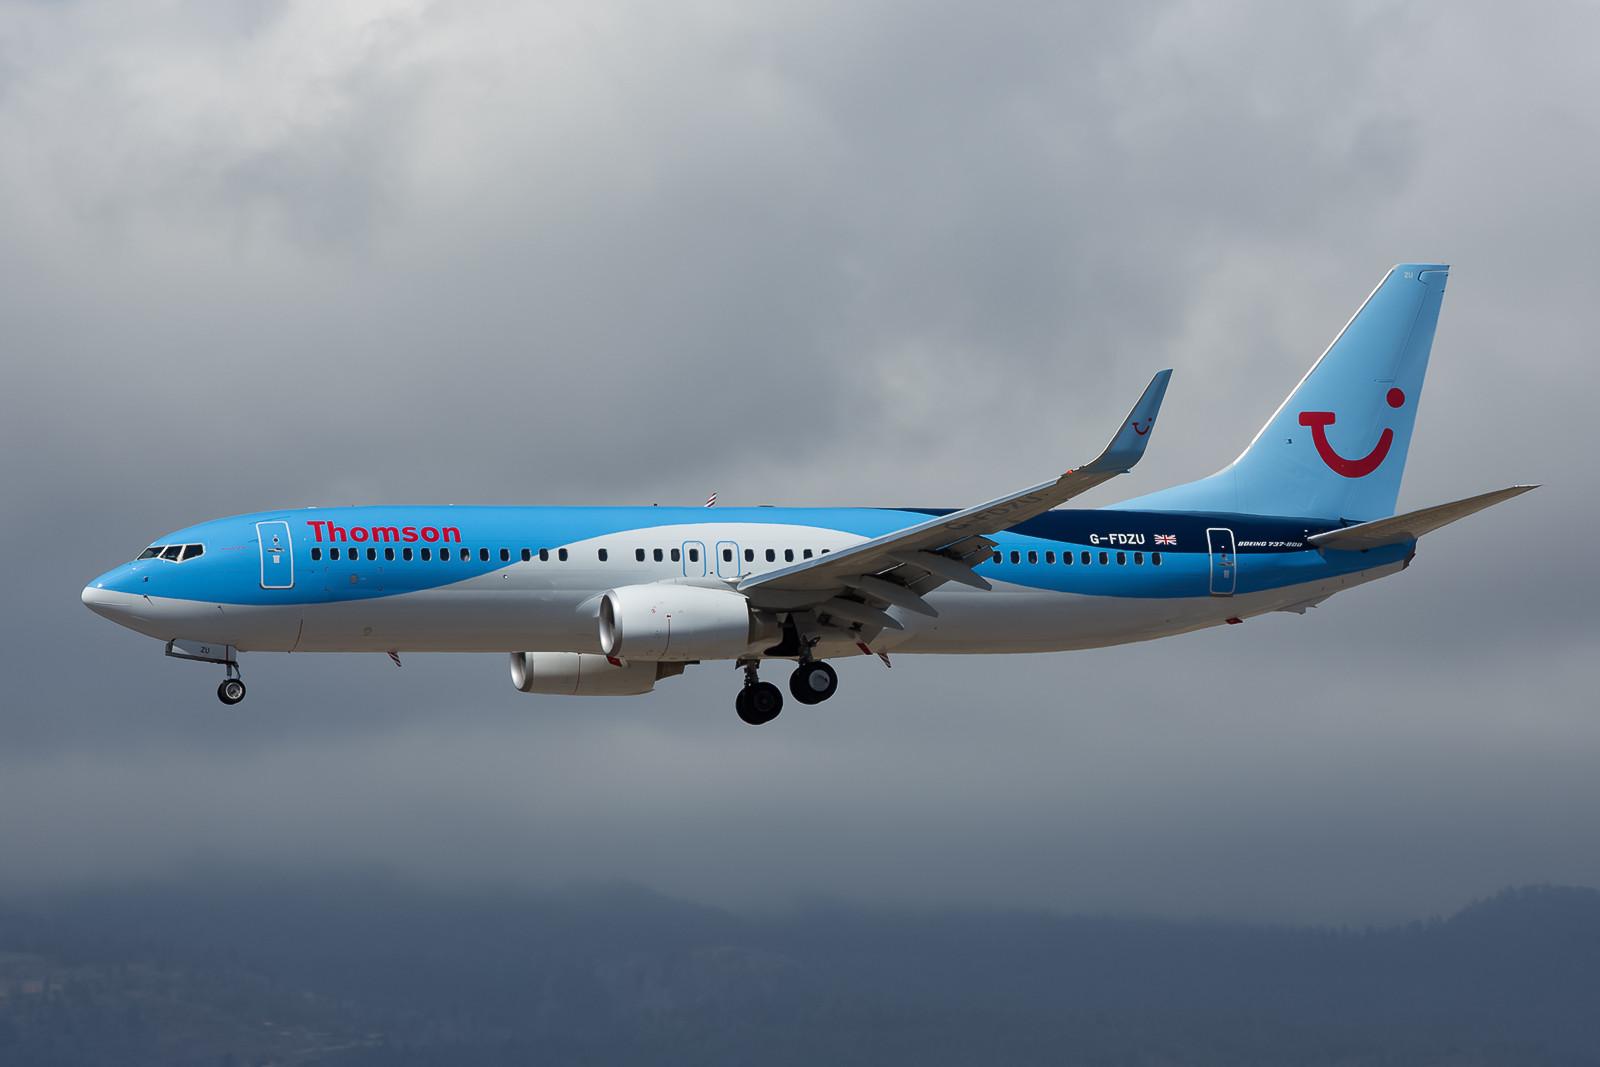 G-FDZU, eine recht neue Boeing 737-8K5 des britischen TUI-Ablegers Thomson.